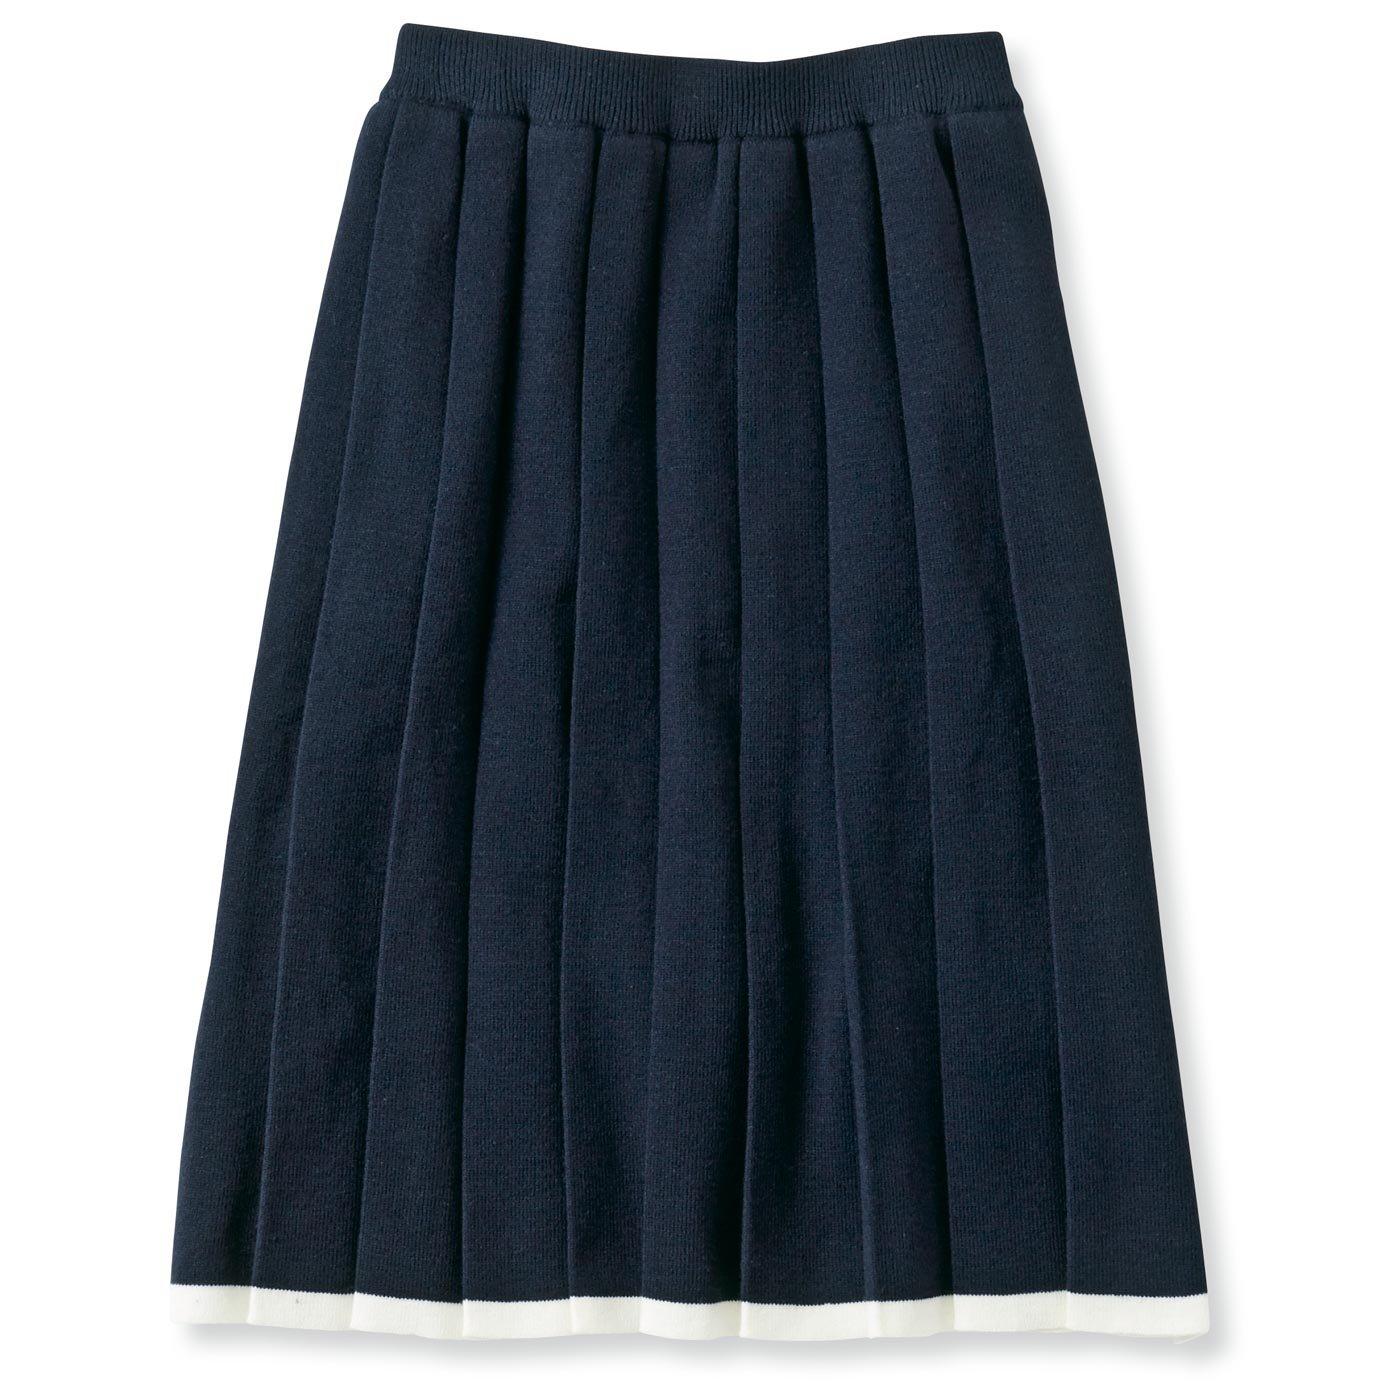 ナチュラル配色でおしゃれさん♪ニットプリーツスカート(ブラック)